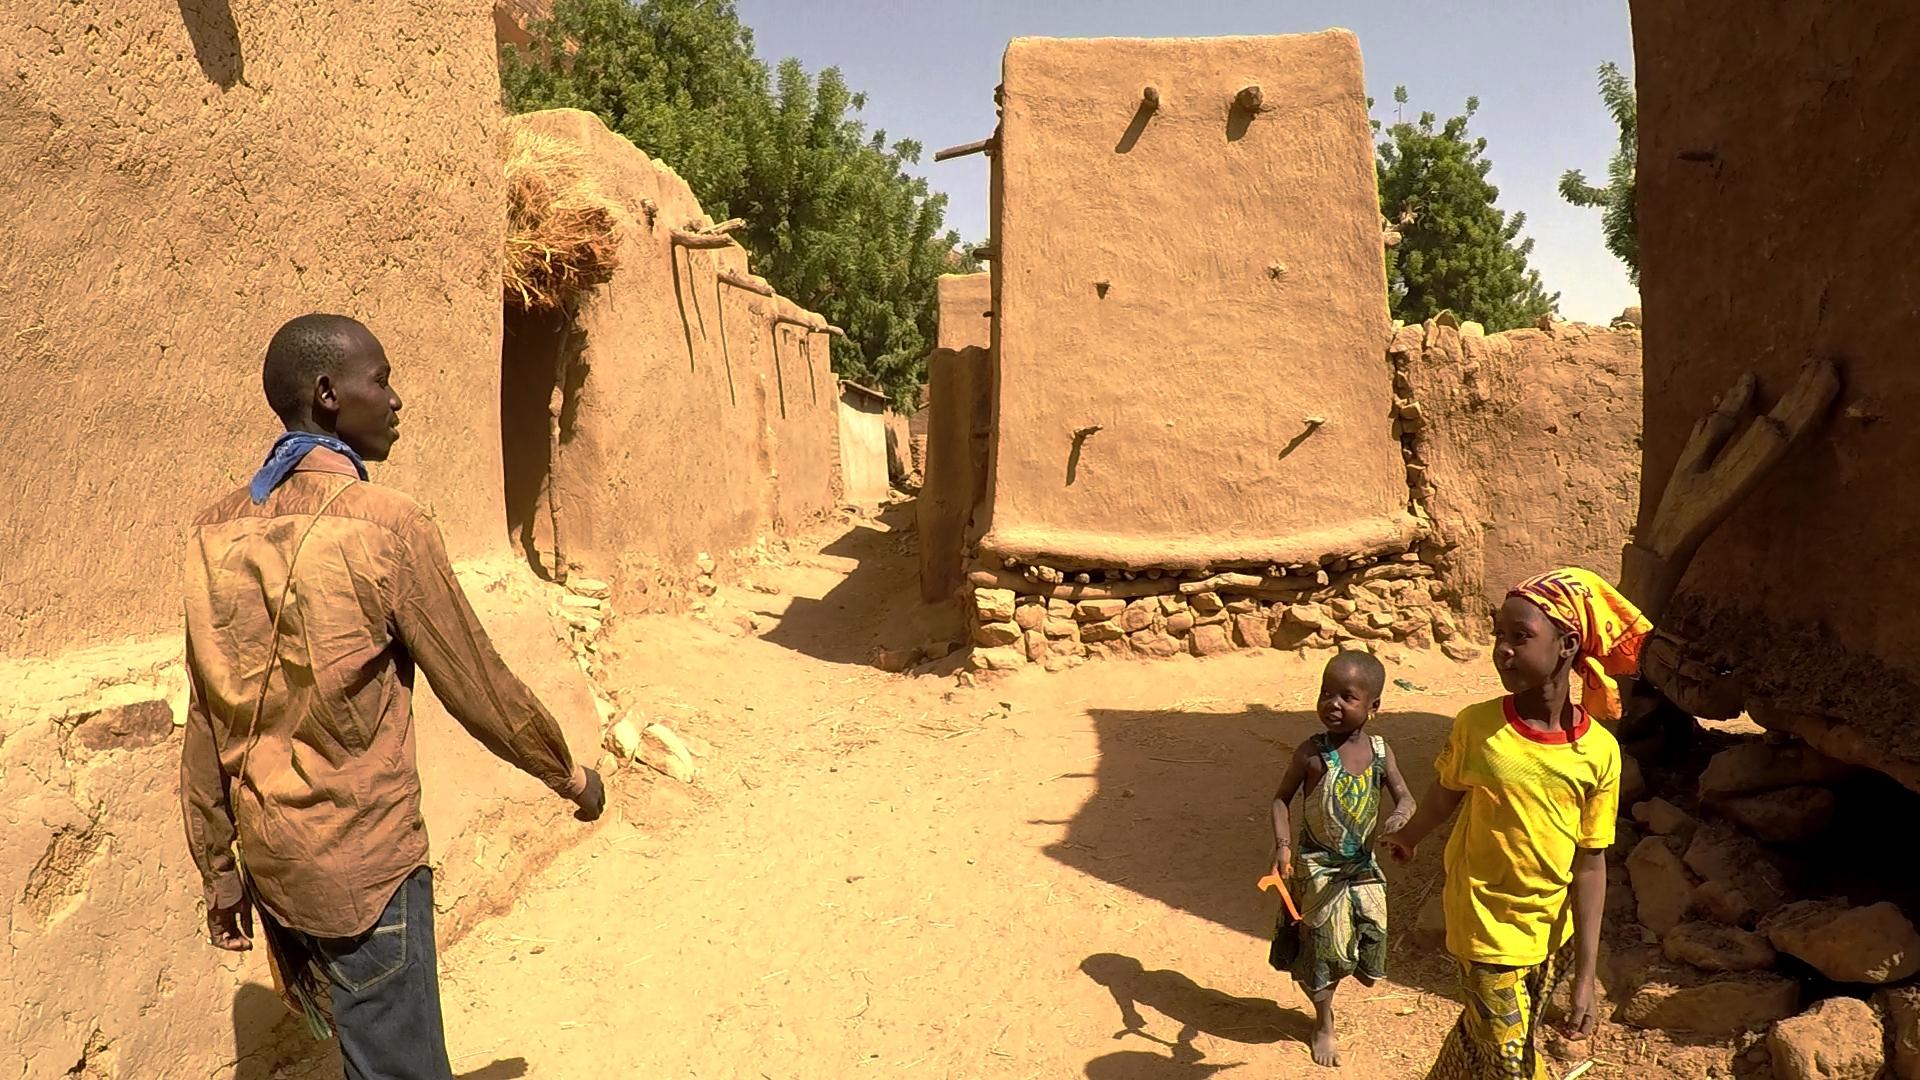 ende pablocaminante bogolans mali - Malí 8, País Dogon V: moda, arte y religión